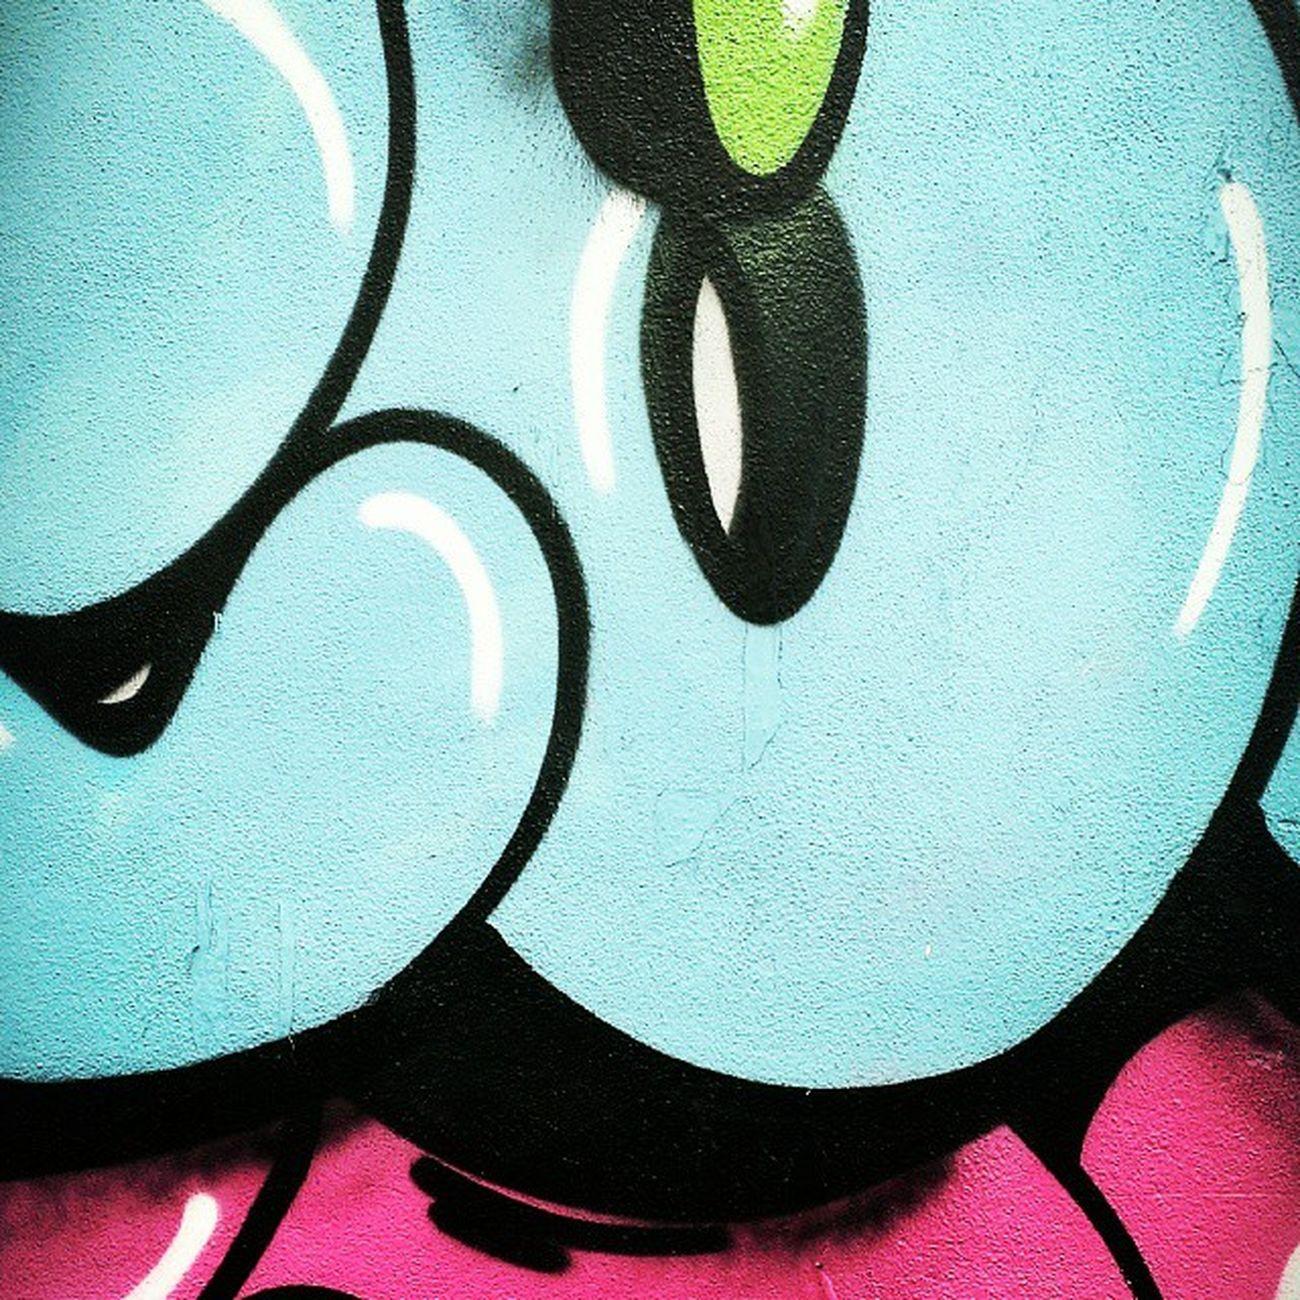 Cope Graffiti NYC Cologne streetart